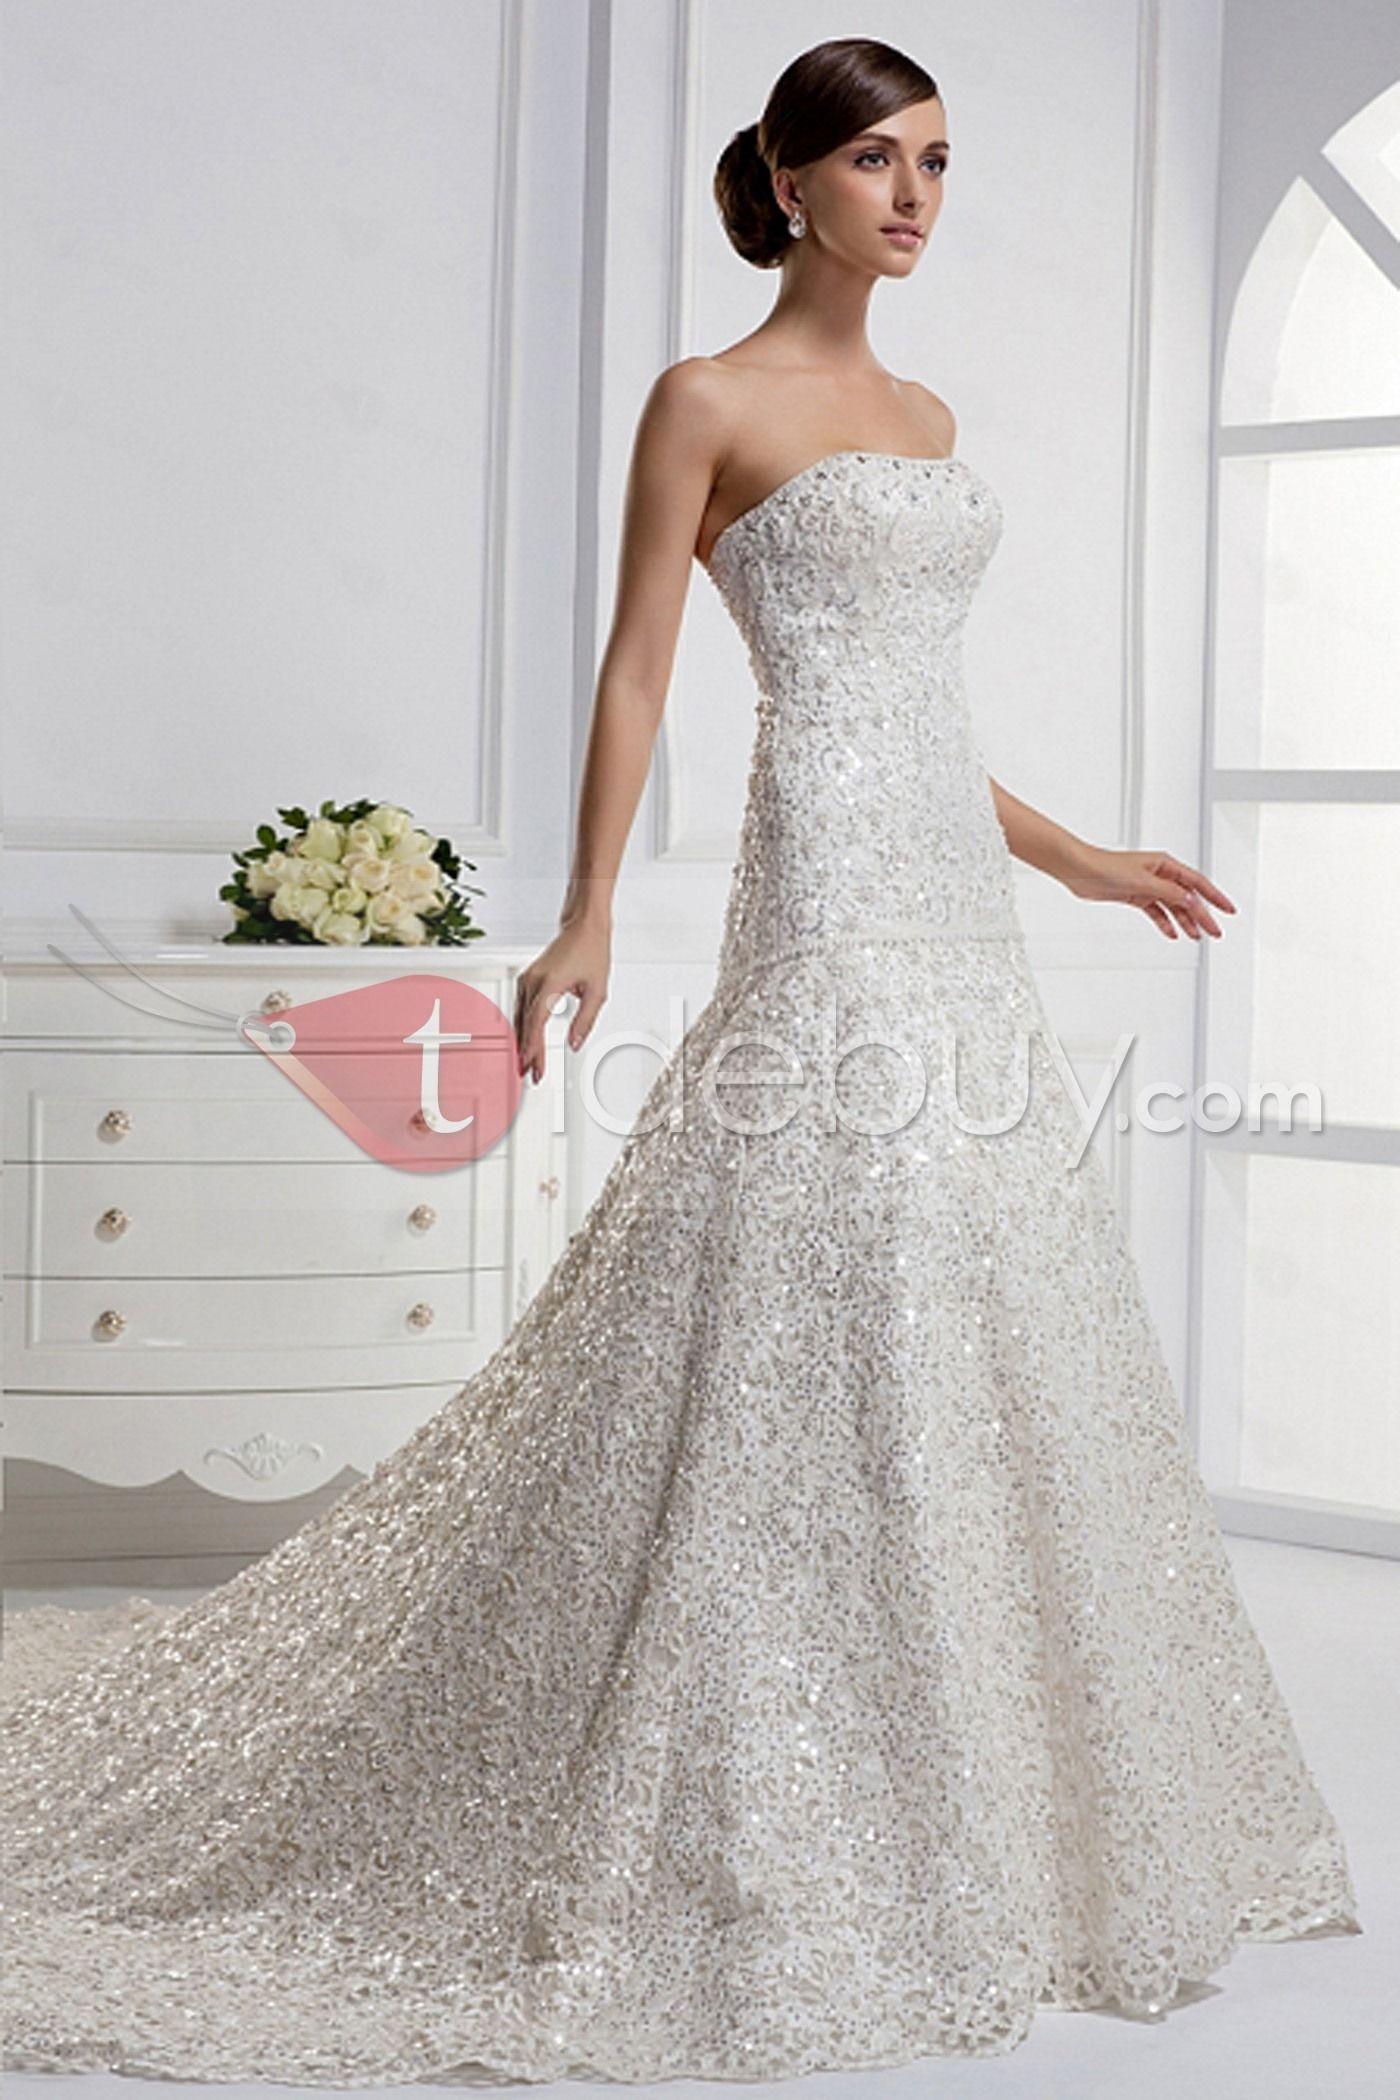 Tidebuy wedding dresses #hochzeitskleiderhäkeln